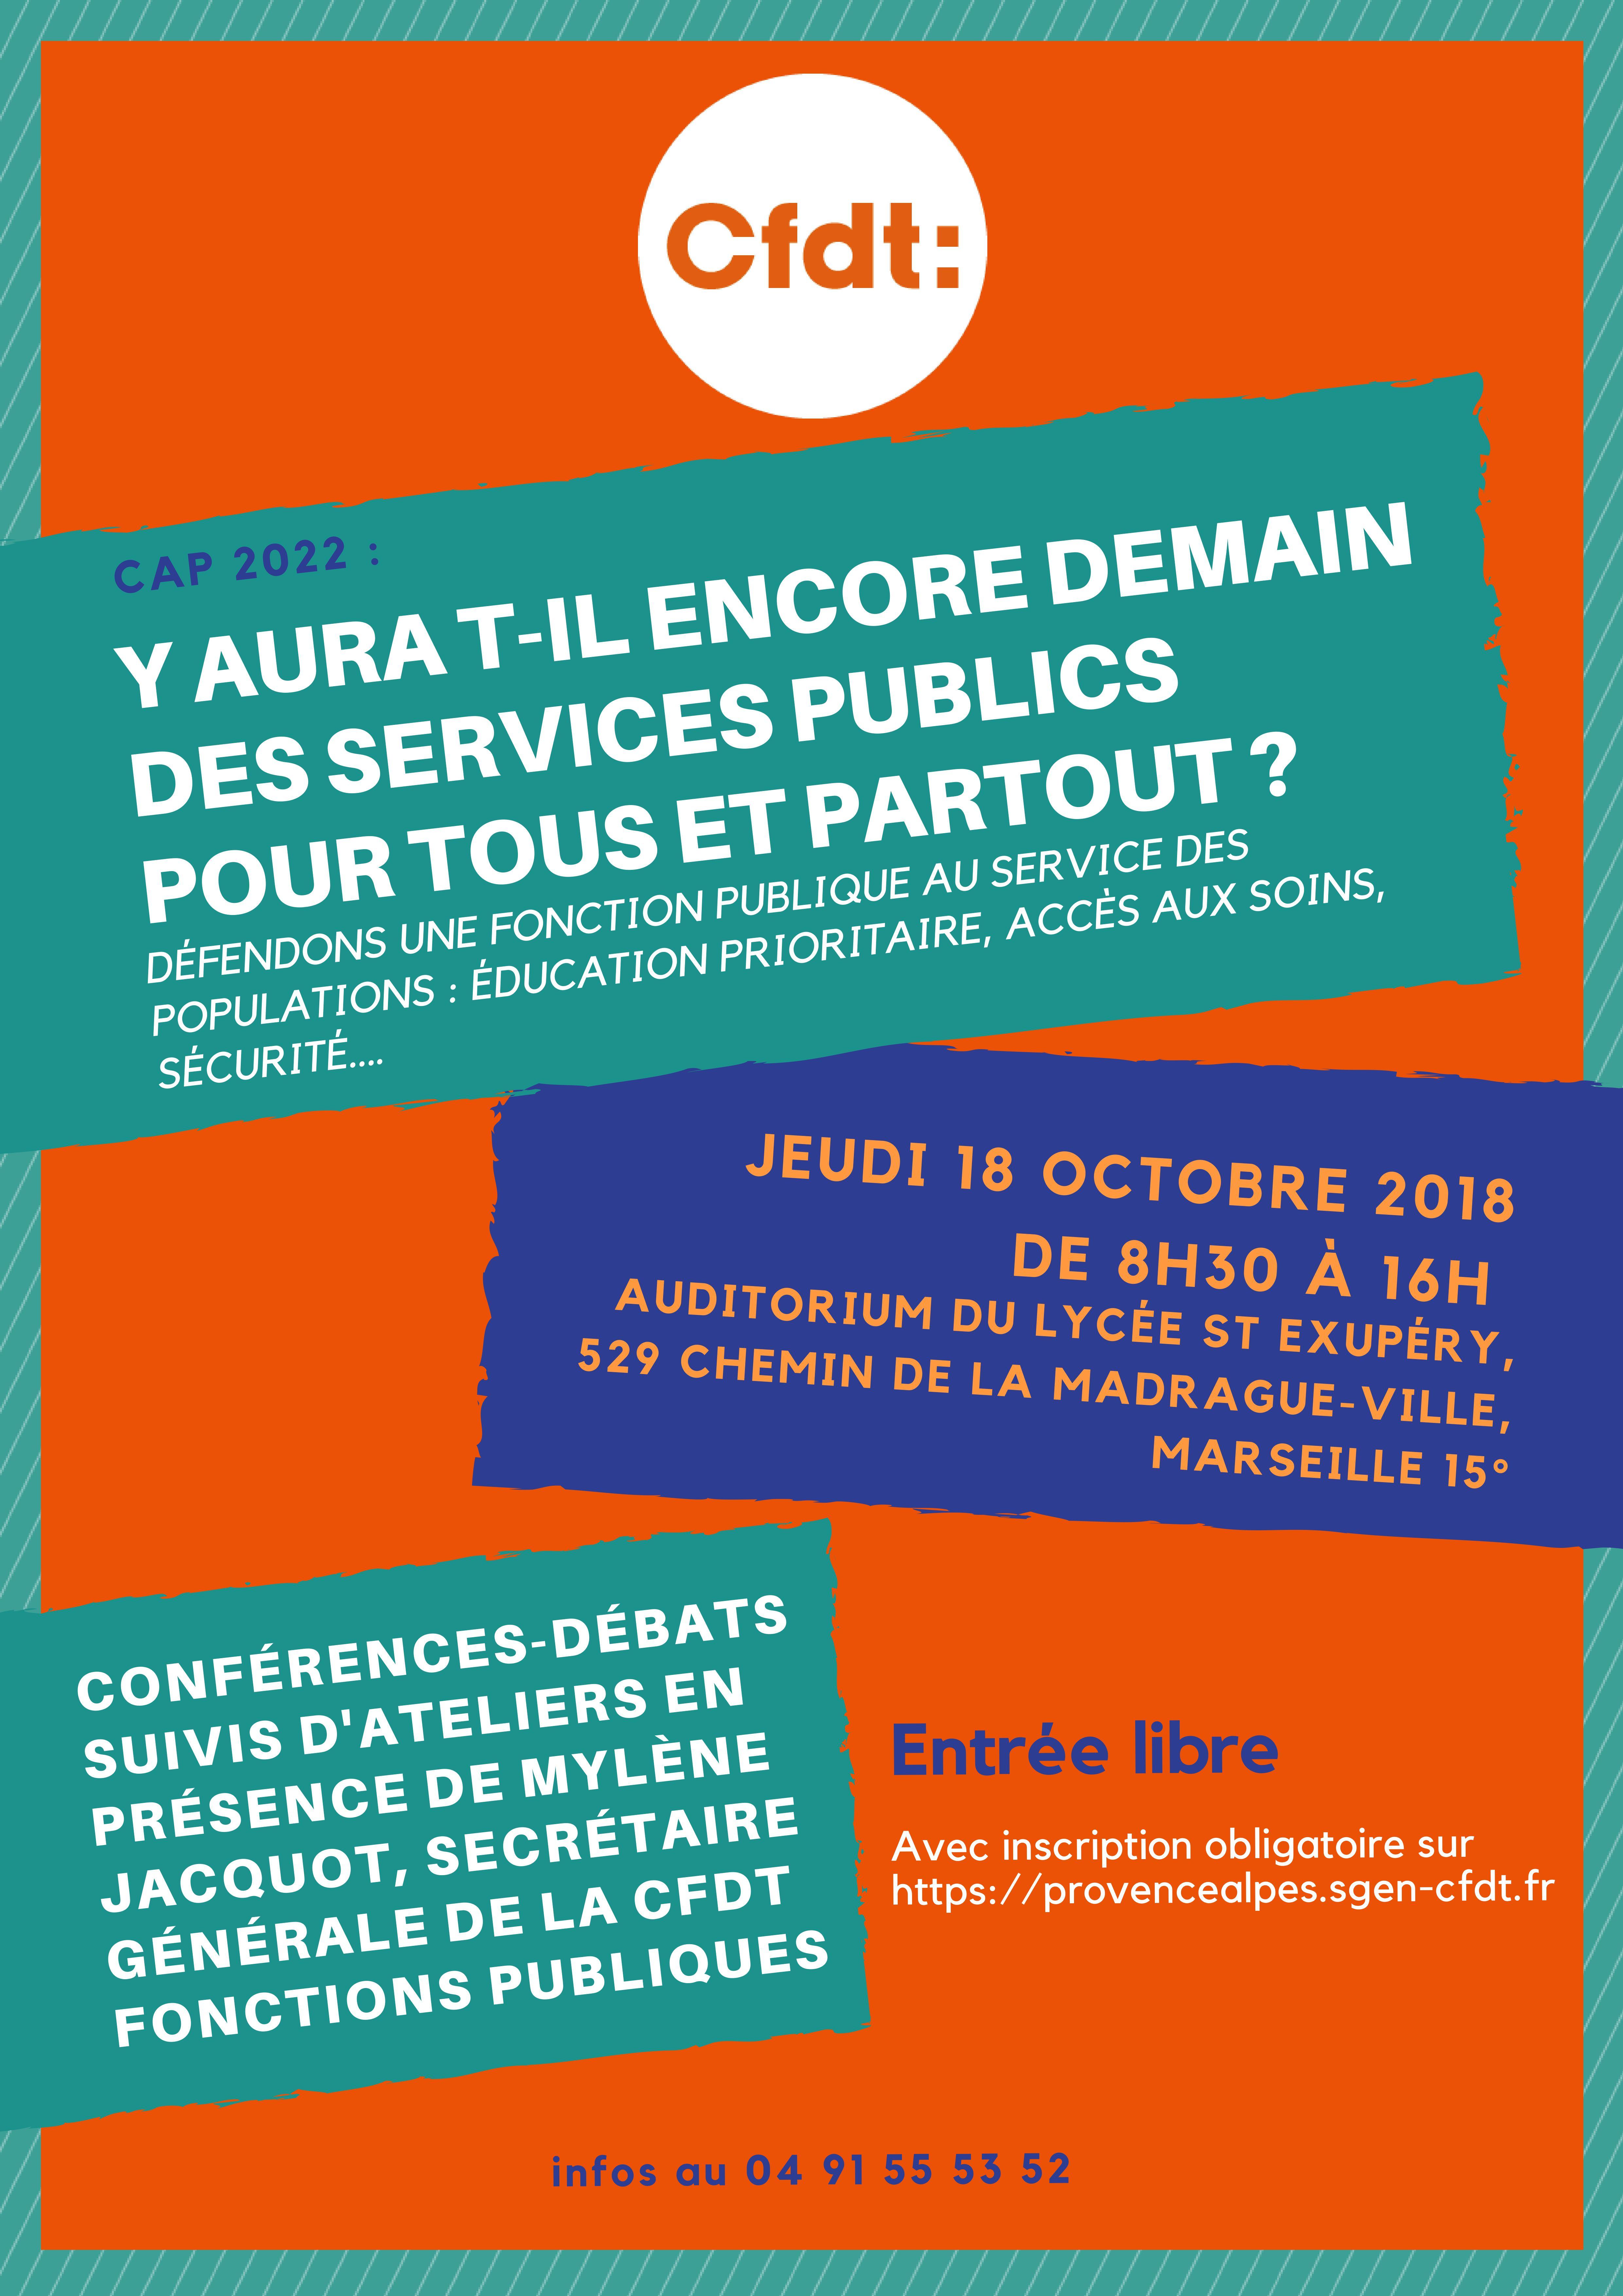 services publics 18 octobre